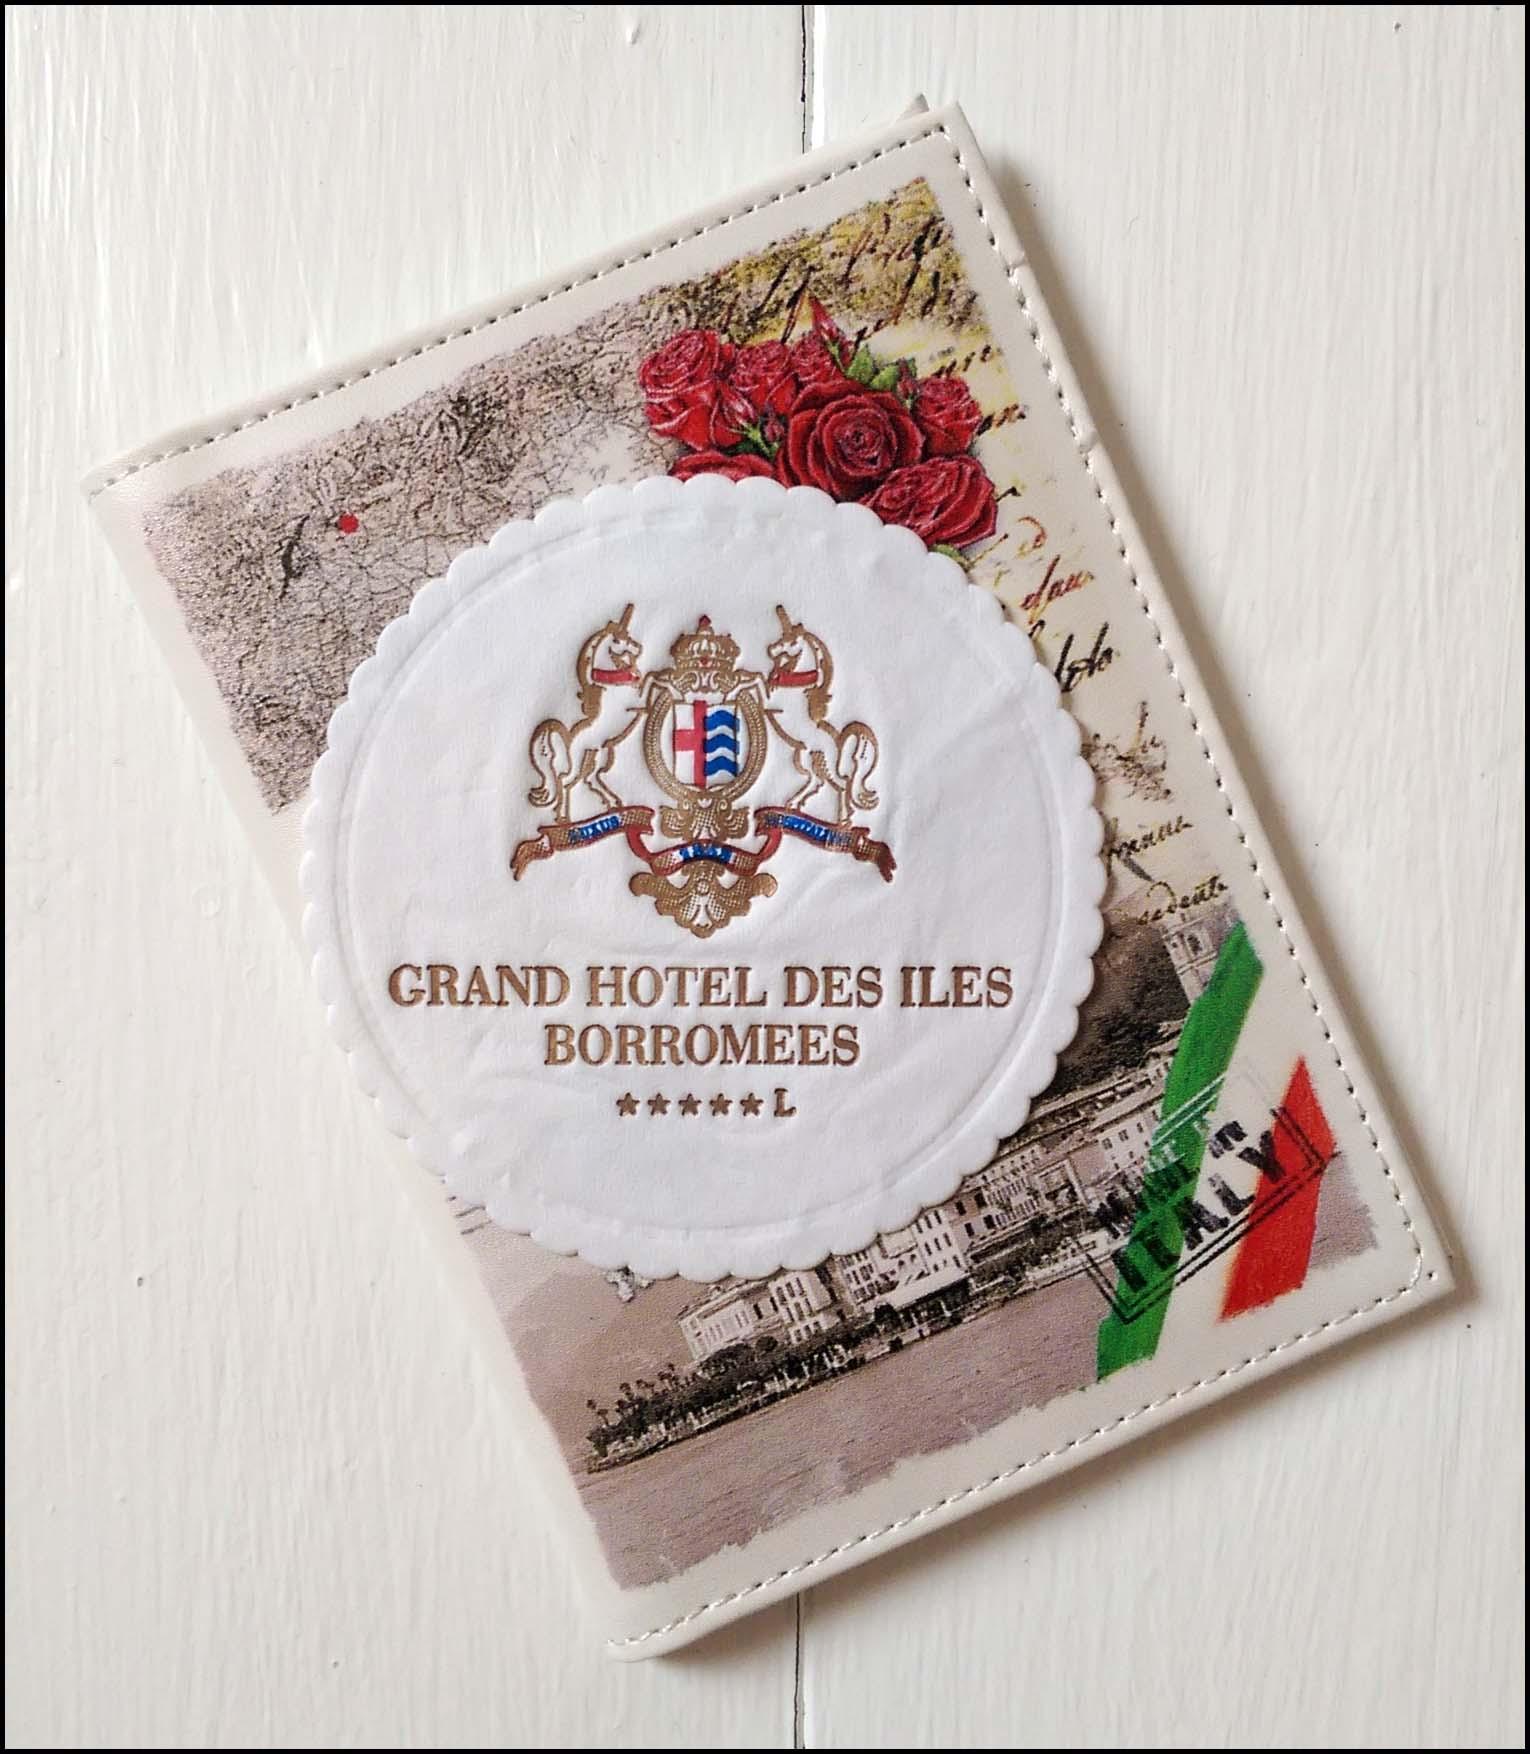 Souvenir, Grand Hôtel des Îles Borromées, Stresa, Italy